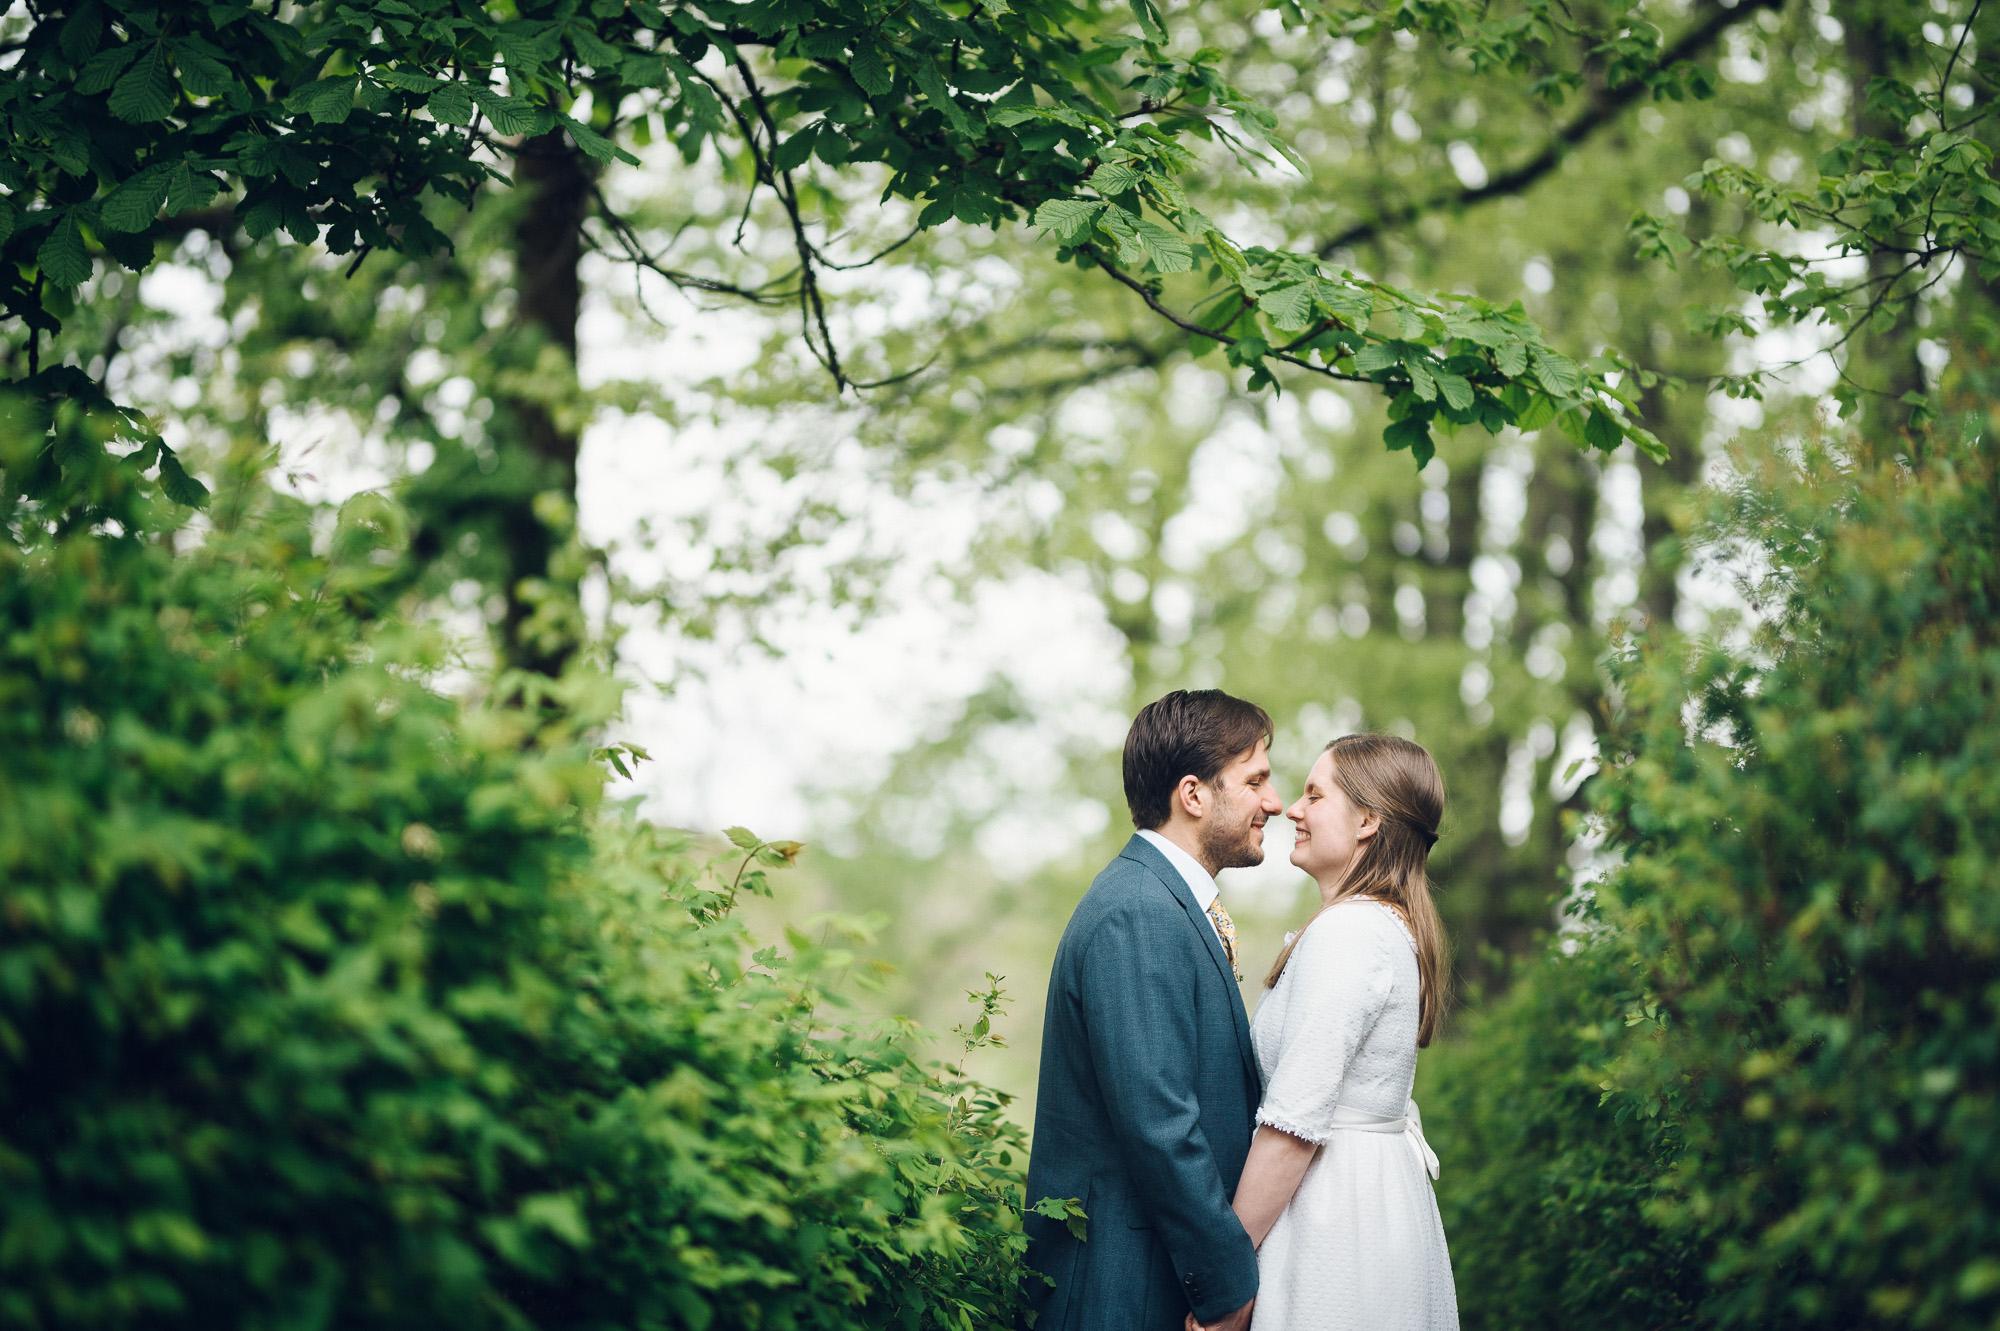 Bryllupsfoto av brud og brudgom. De ler og stemningen er romantisk.